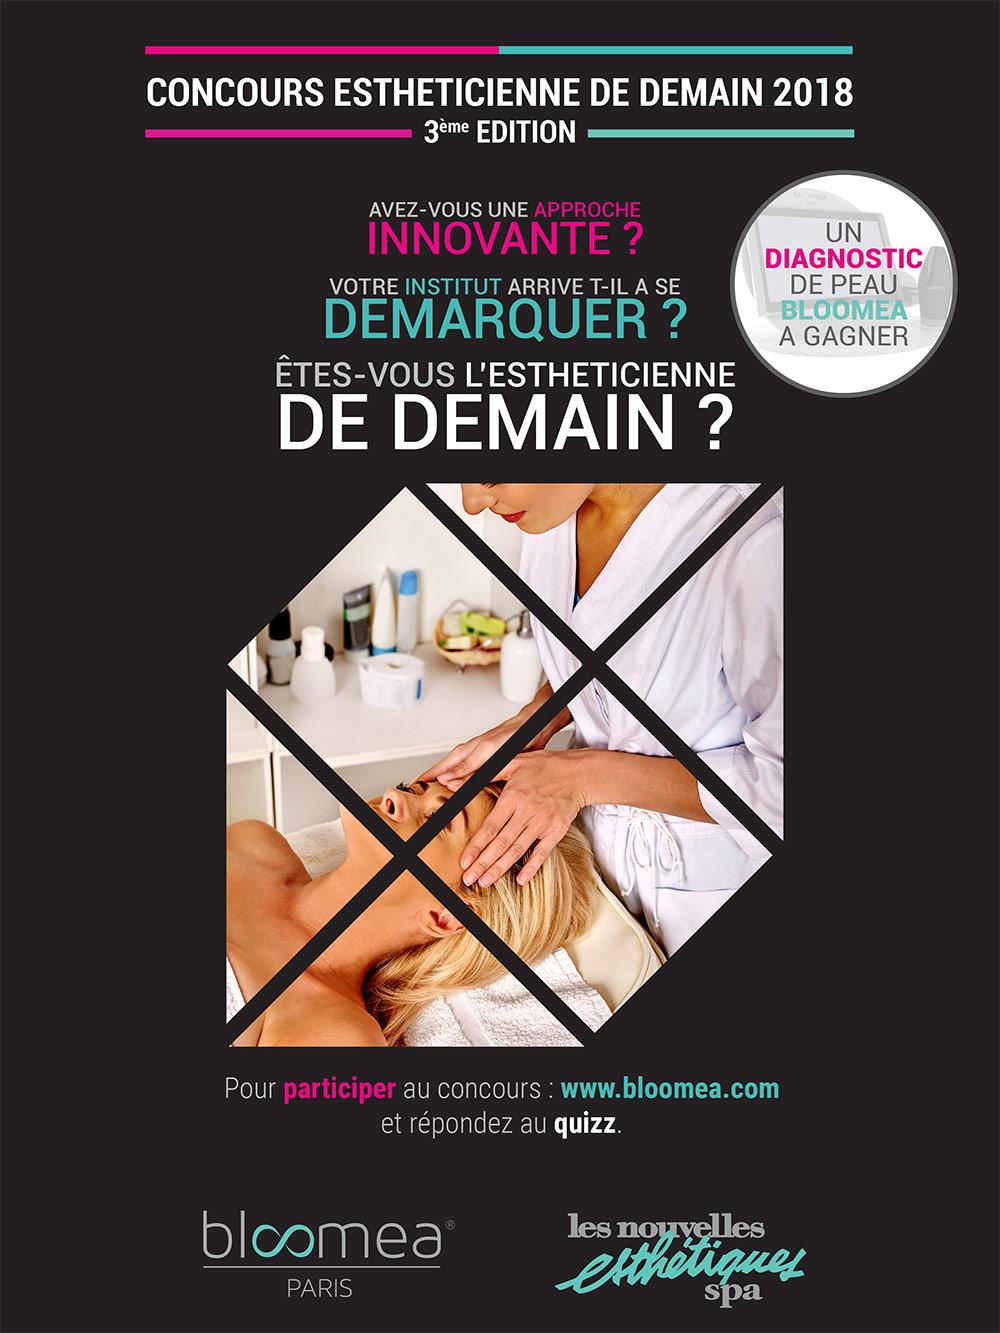 Concours Esthéticienne 2018, Paris